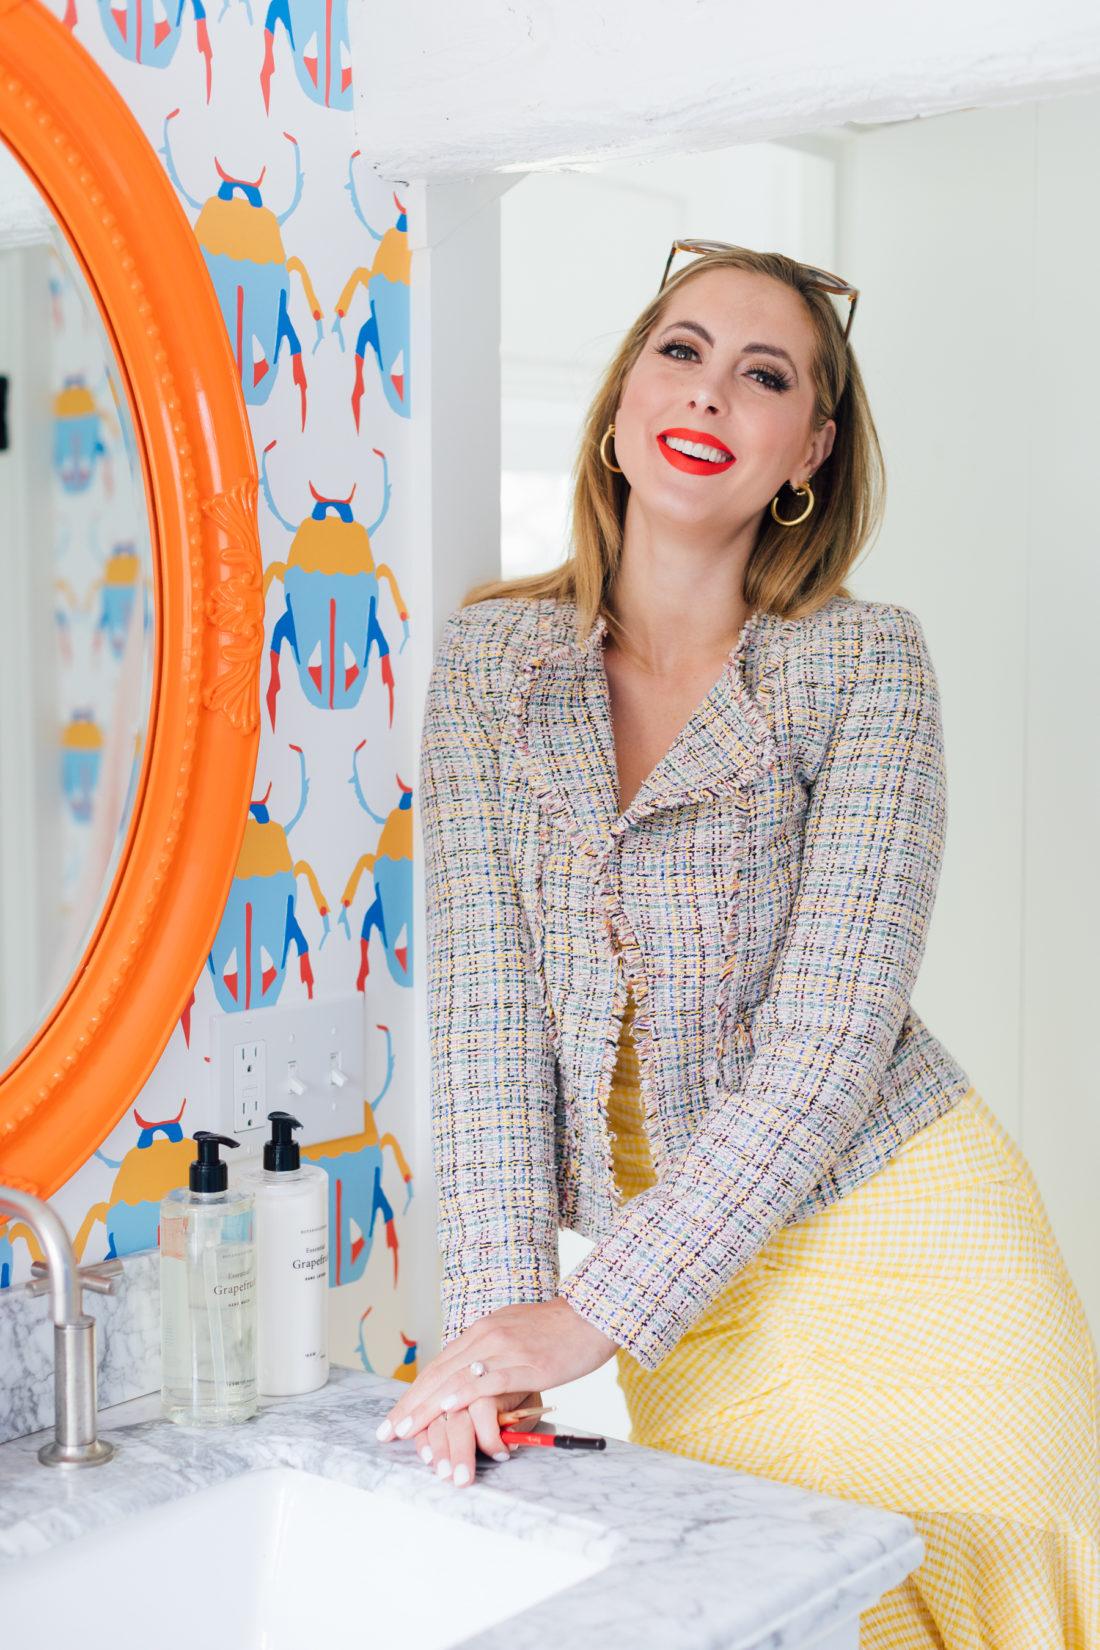 Eva Amurri Martino shares her makeup tutorial for a bold summer red lip